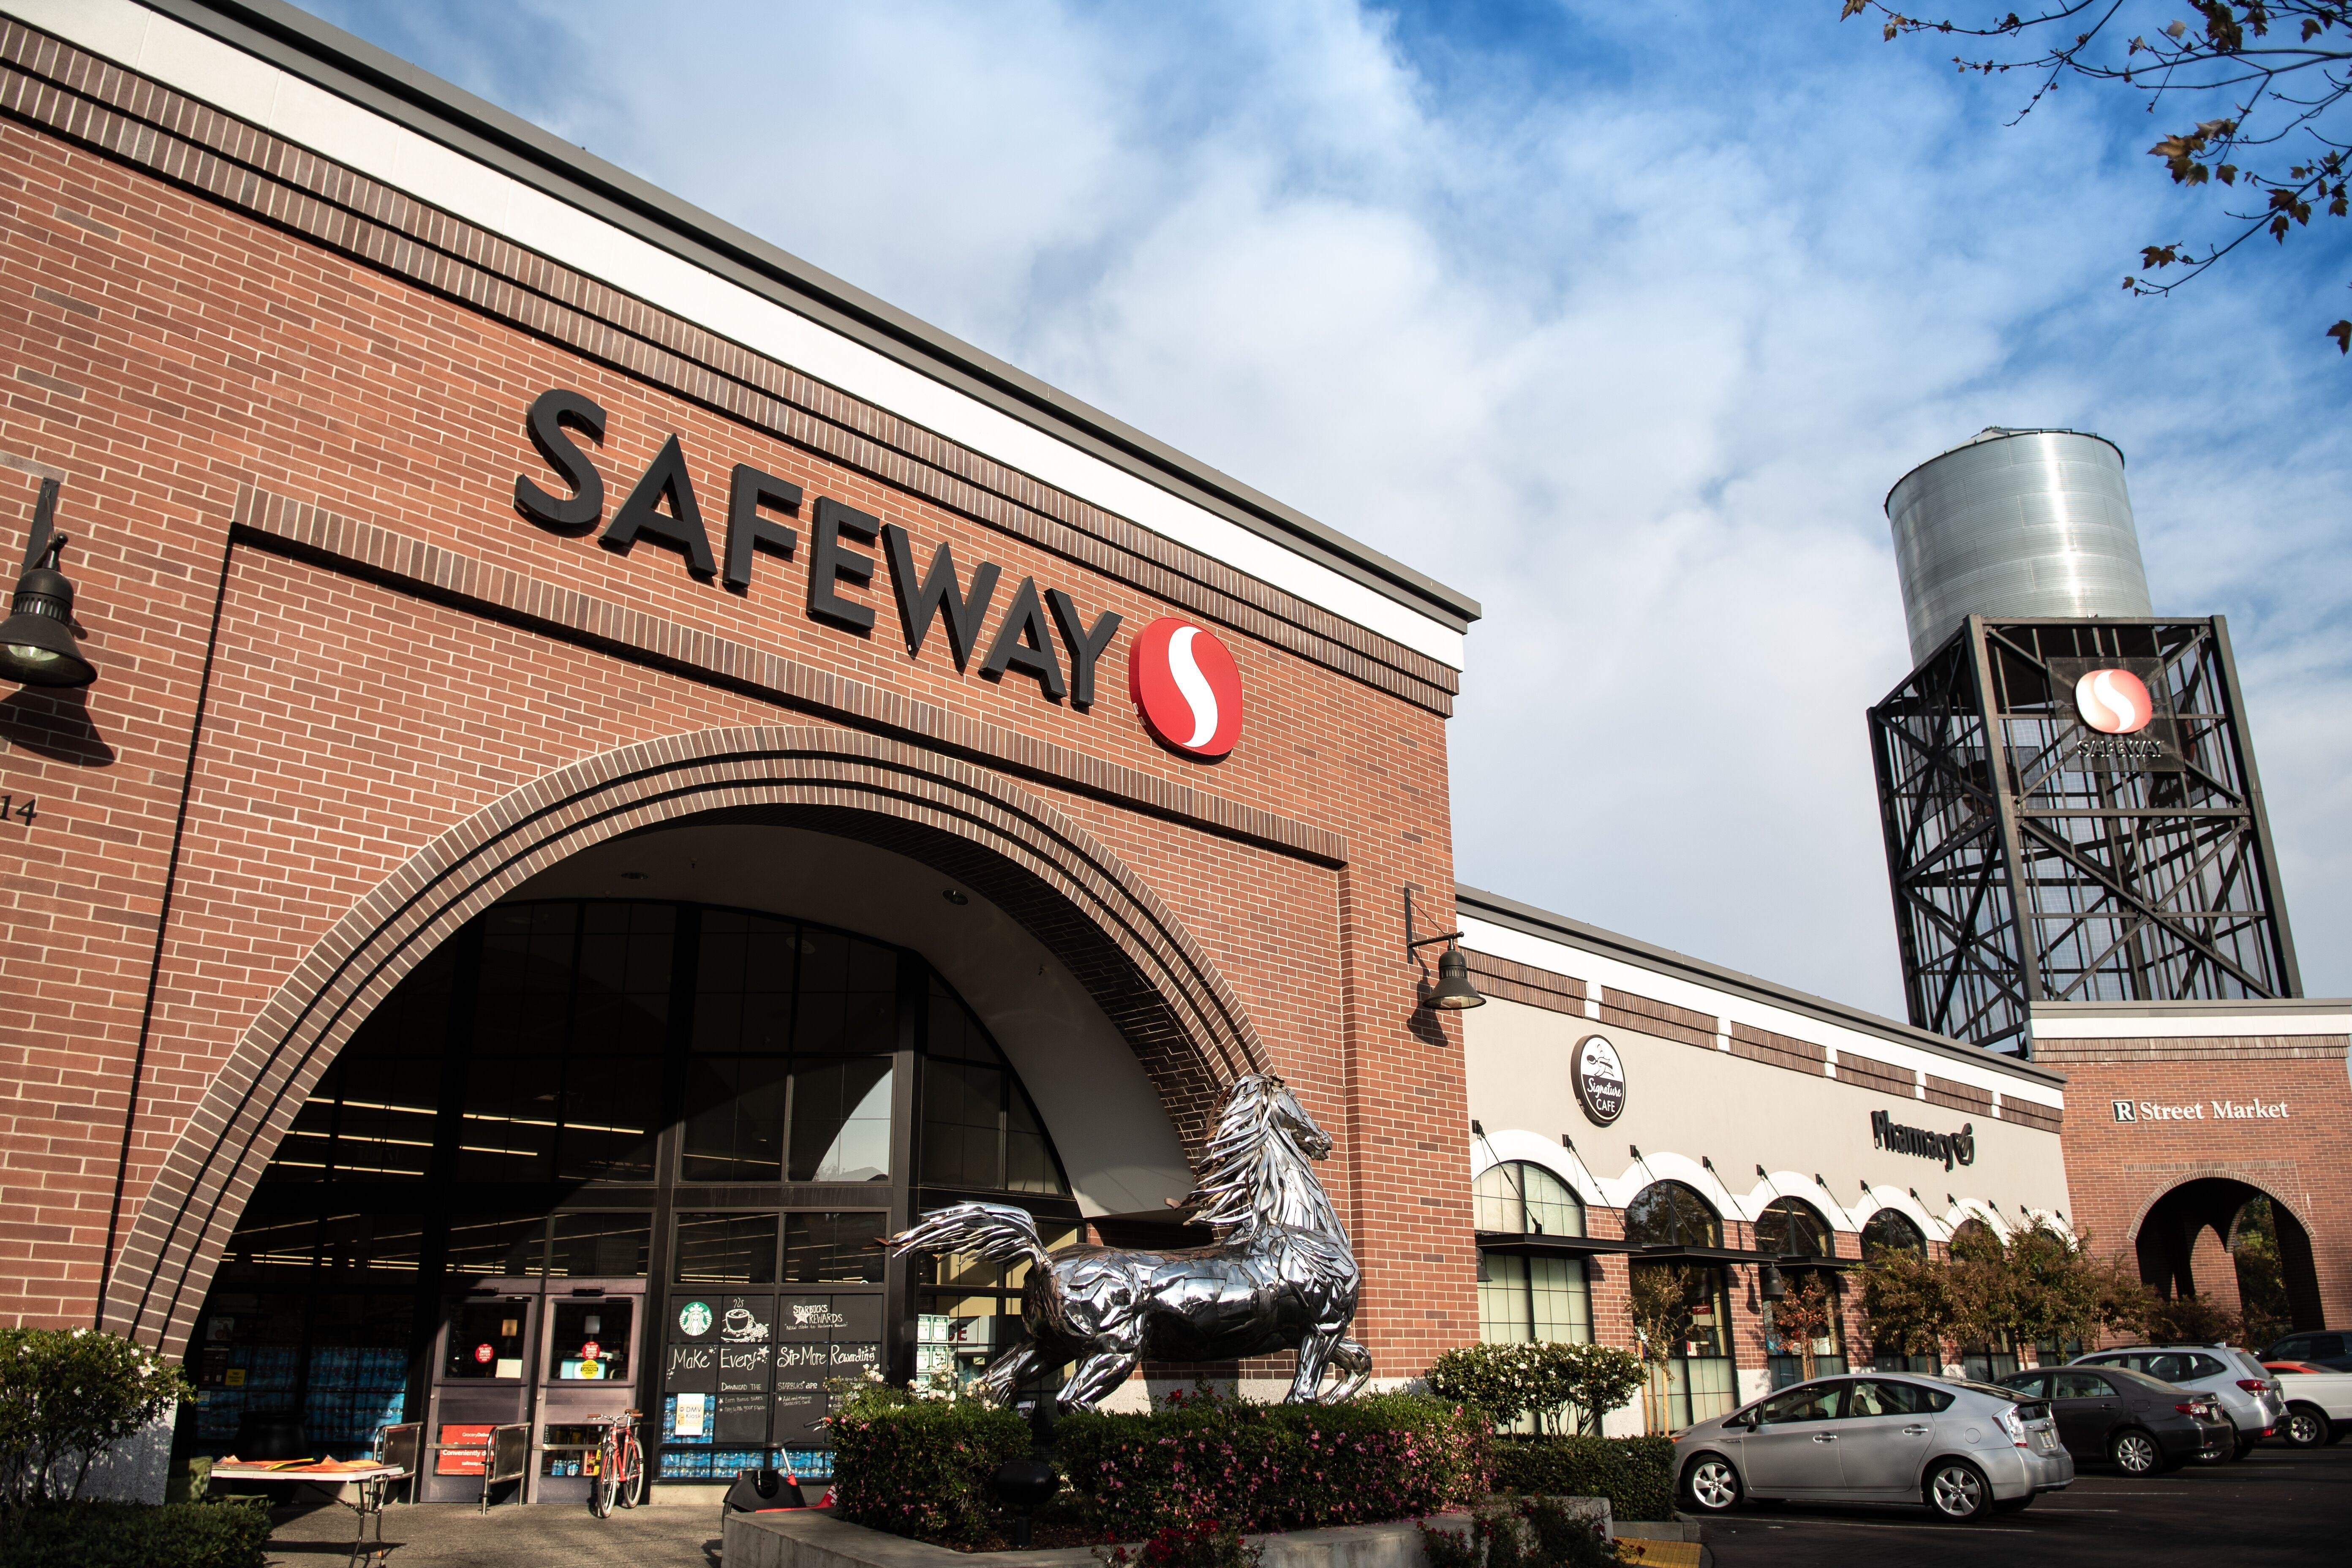 Safeway at R Street Market